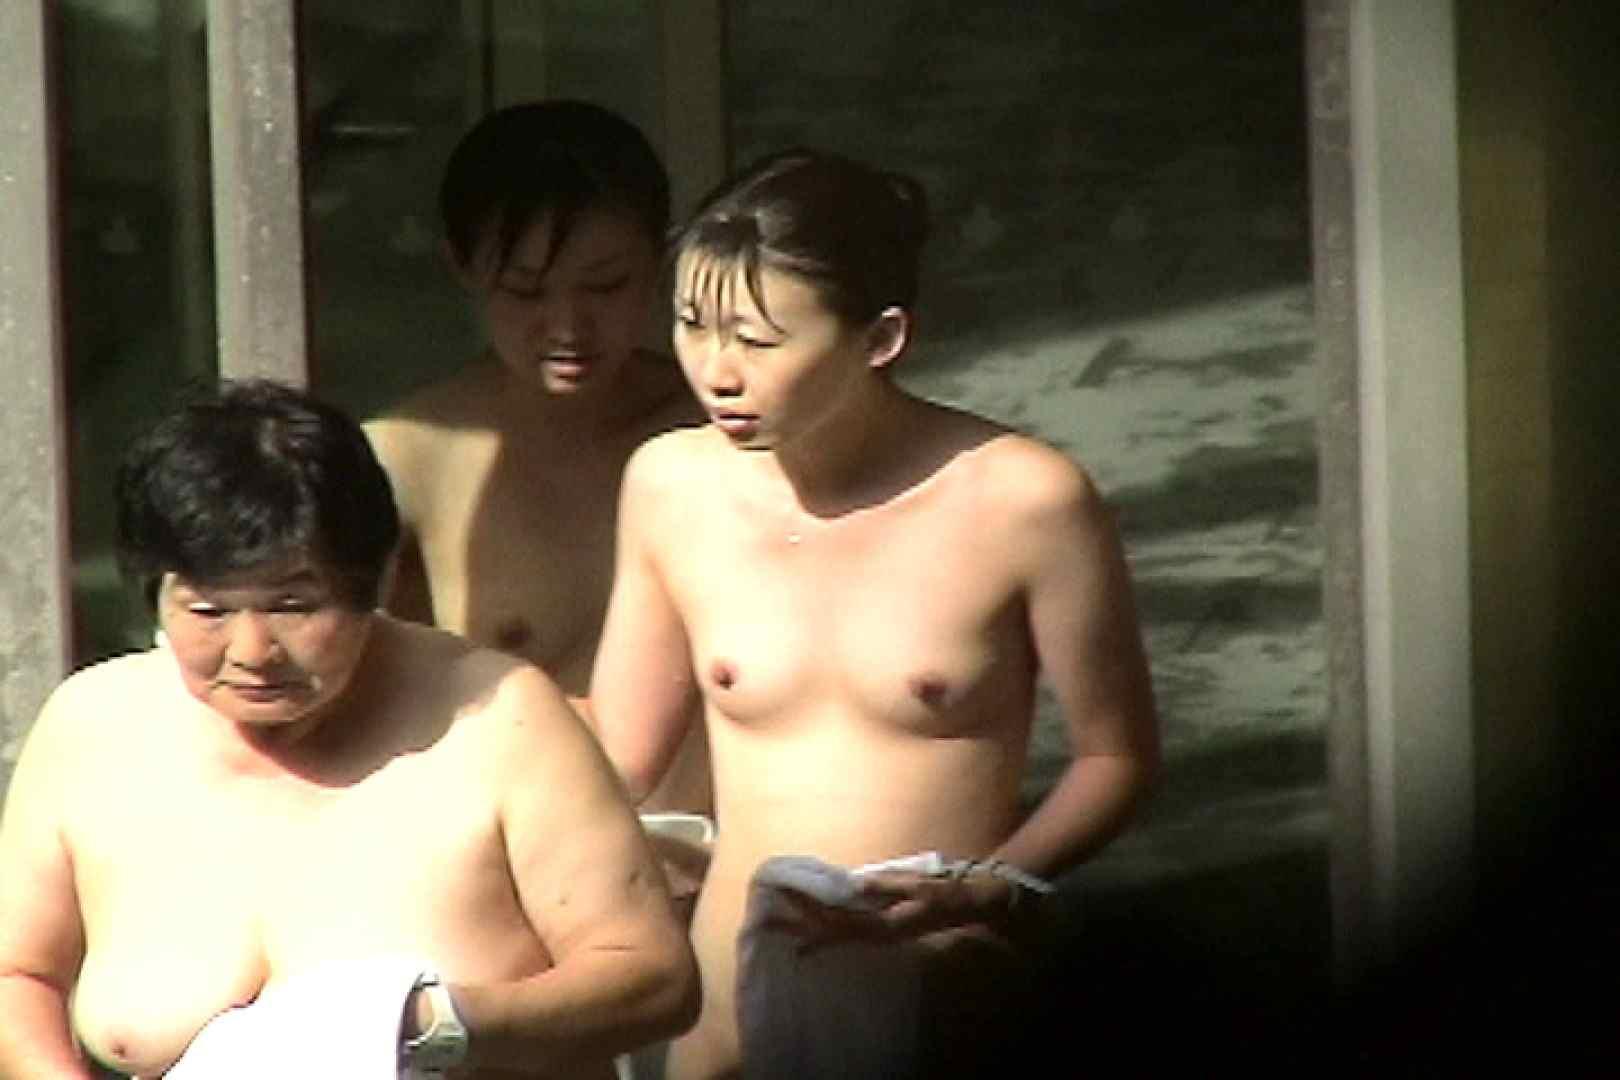 Aquaな露天風呂Vol.707 美しいOLの裸体 ヌード画像 75pic 71